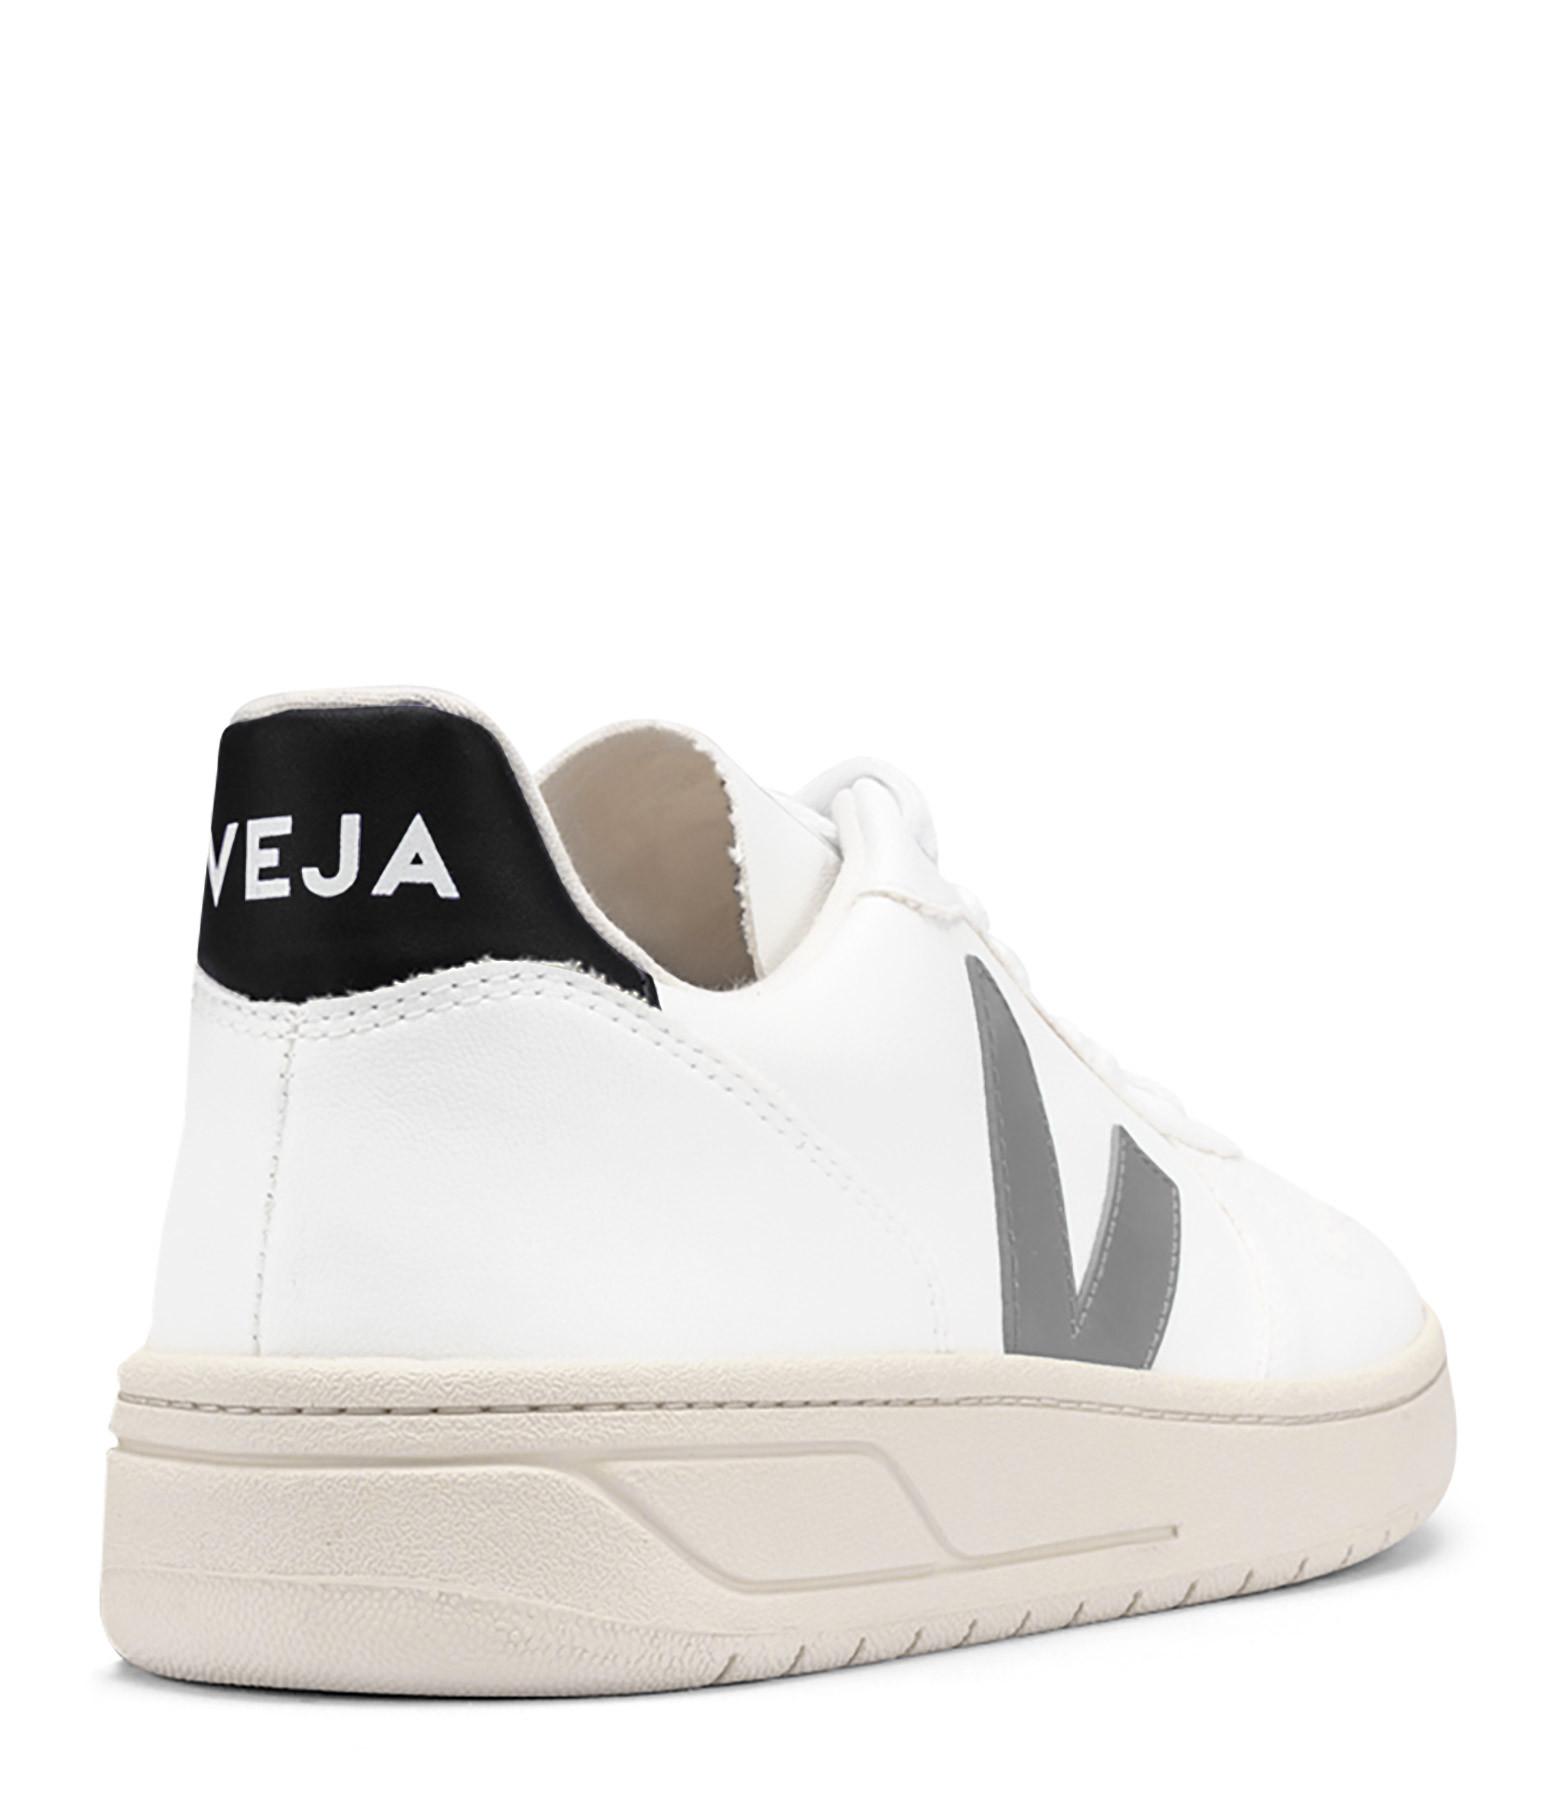 VEJA - Baskets V-10 CWL Blanc Gris Oxford Noir